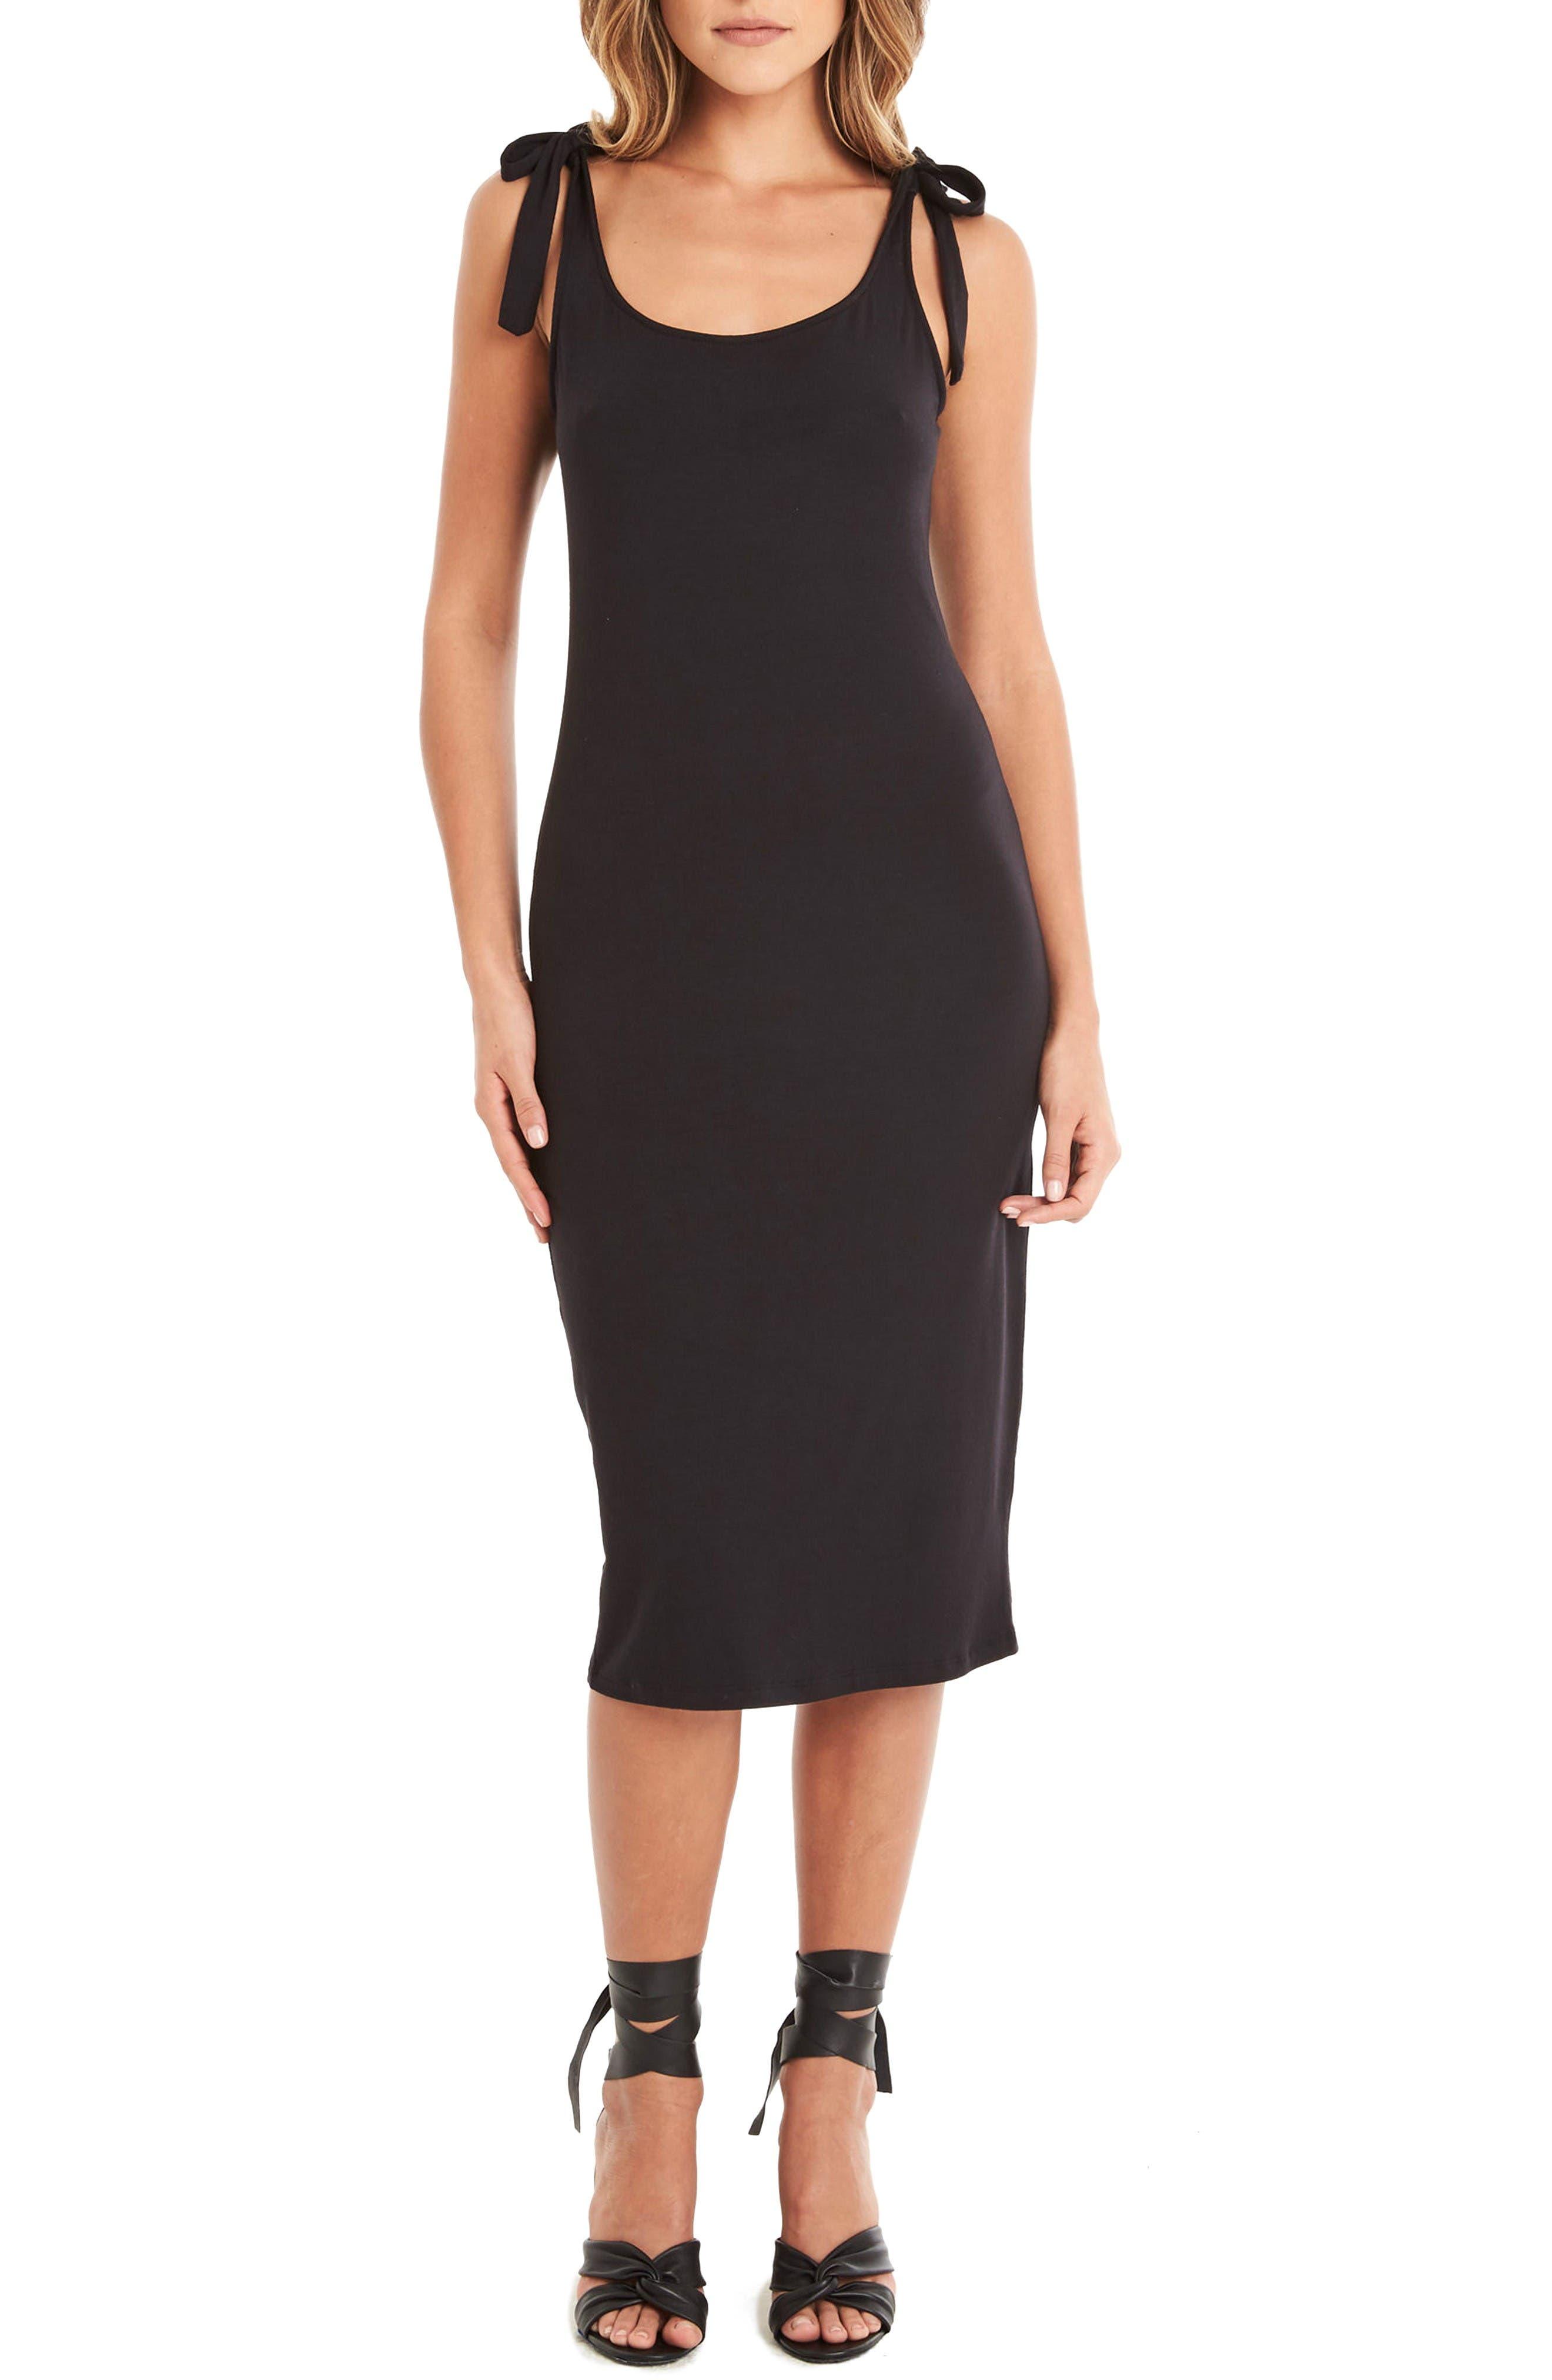 Midi Tank Dress,                             Main thumbnail 1, color,                             Black